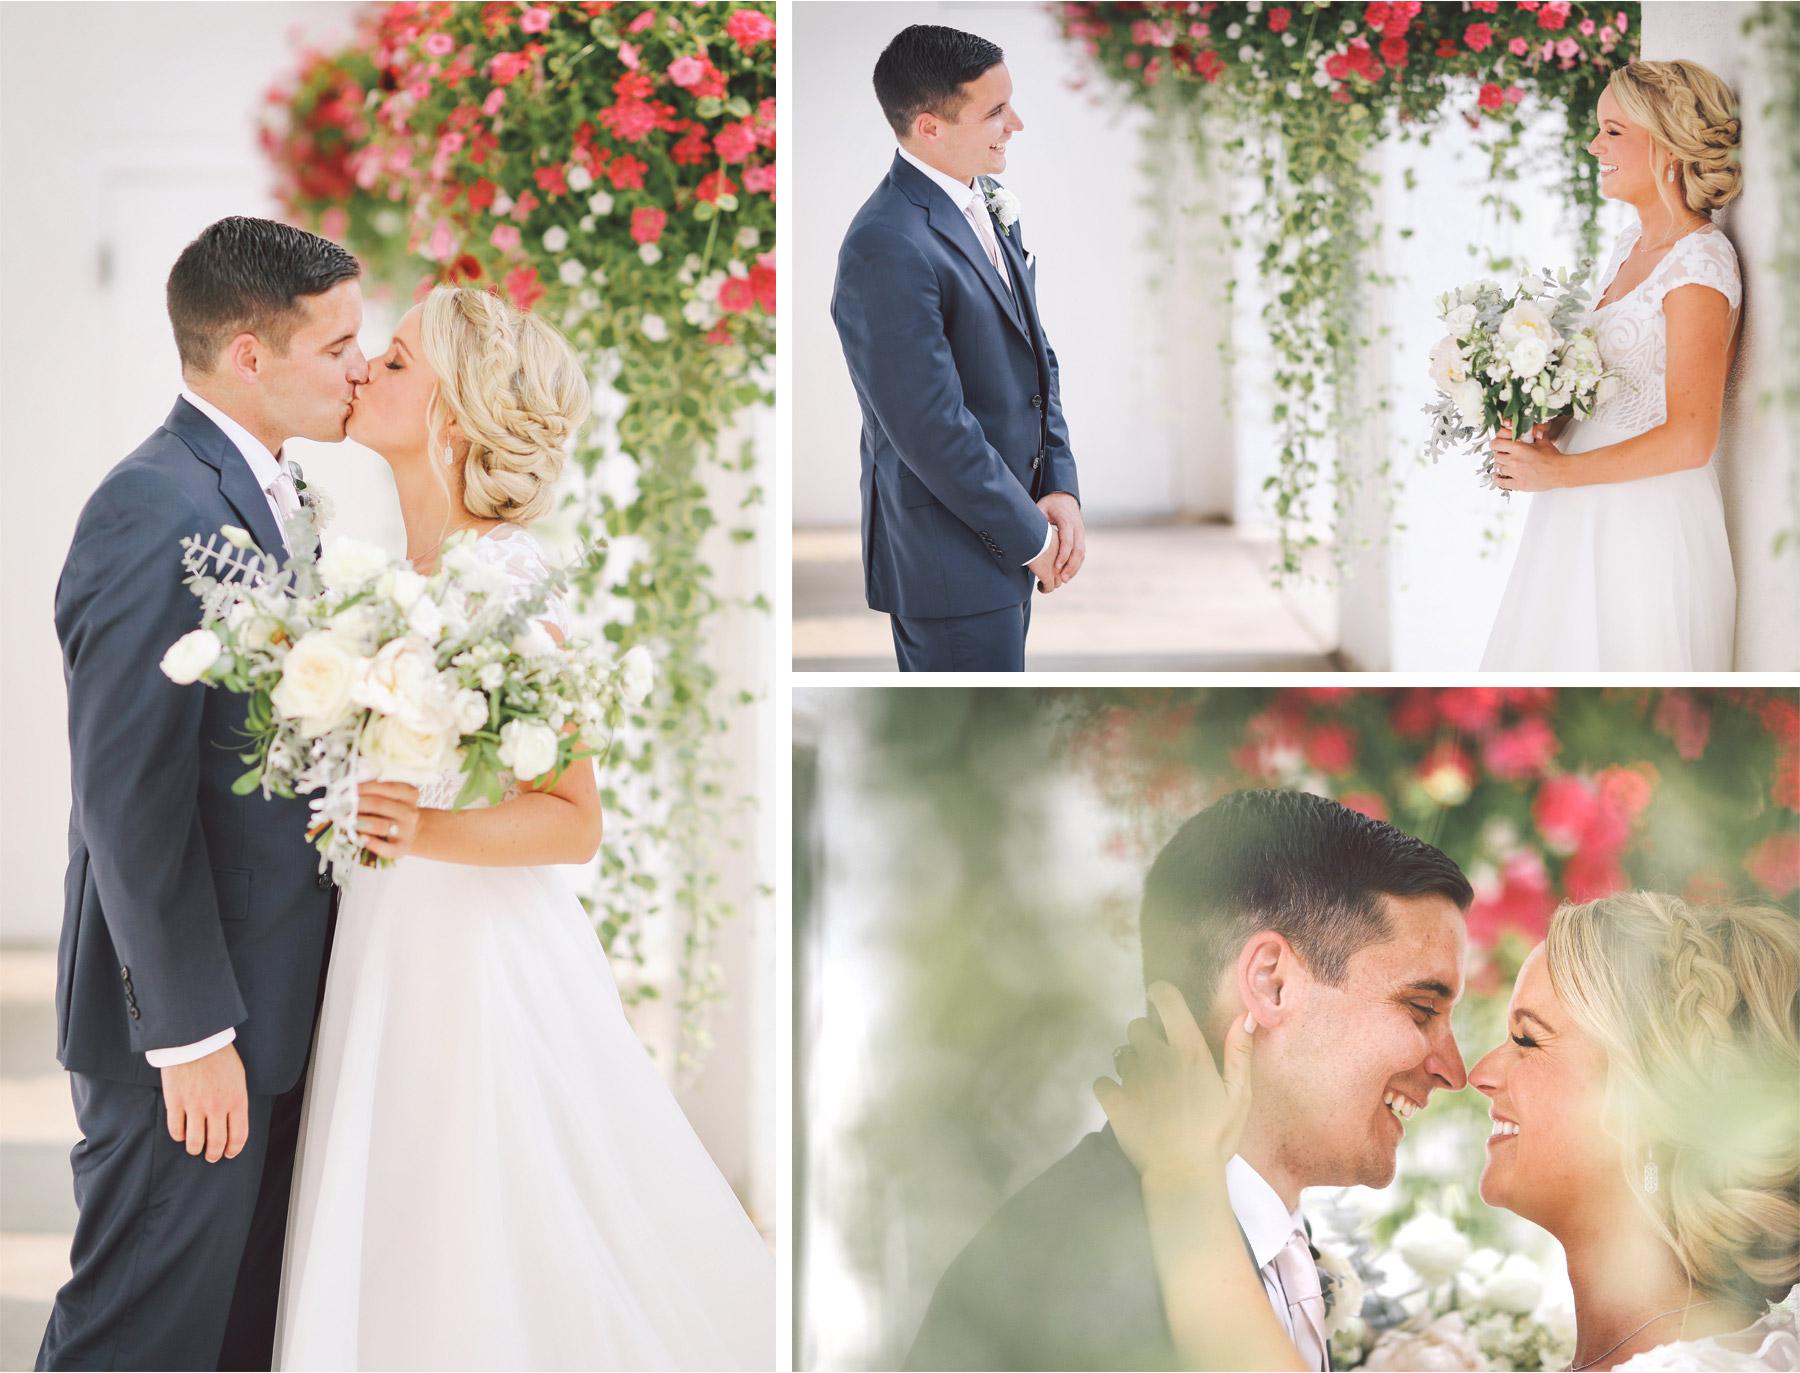 13-Minnetonka-Minnesota-Wedding-Photography-by-Vick-Photography-Lafayette-Club-Flowers-Jennifer-and-Adam.jpg